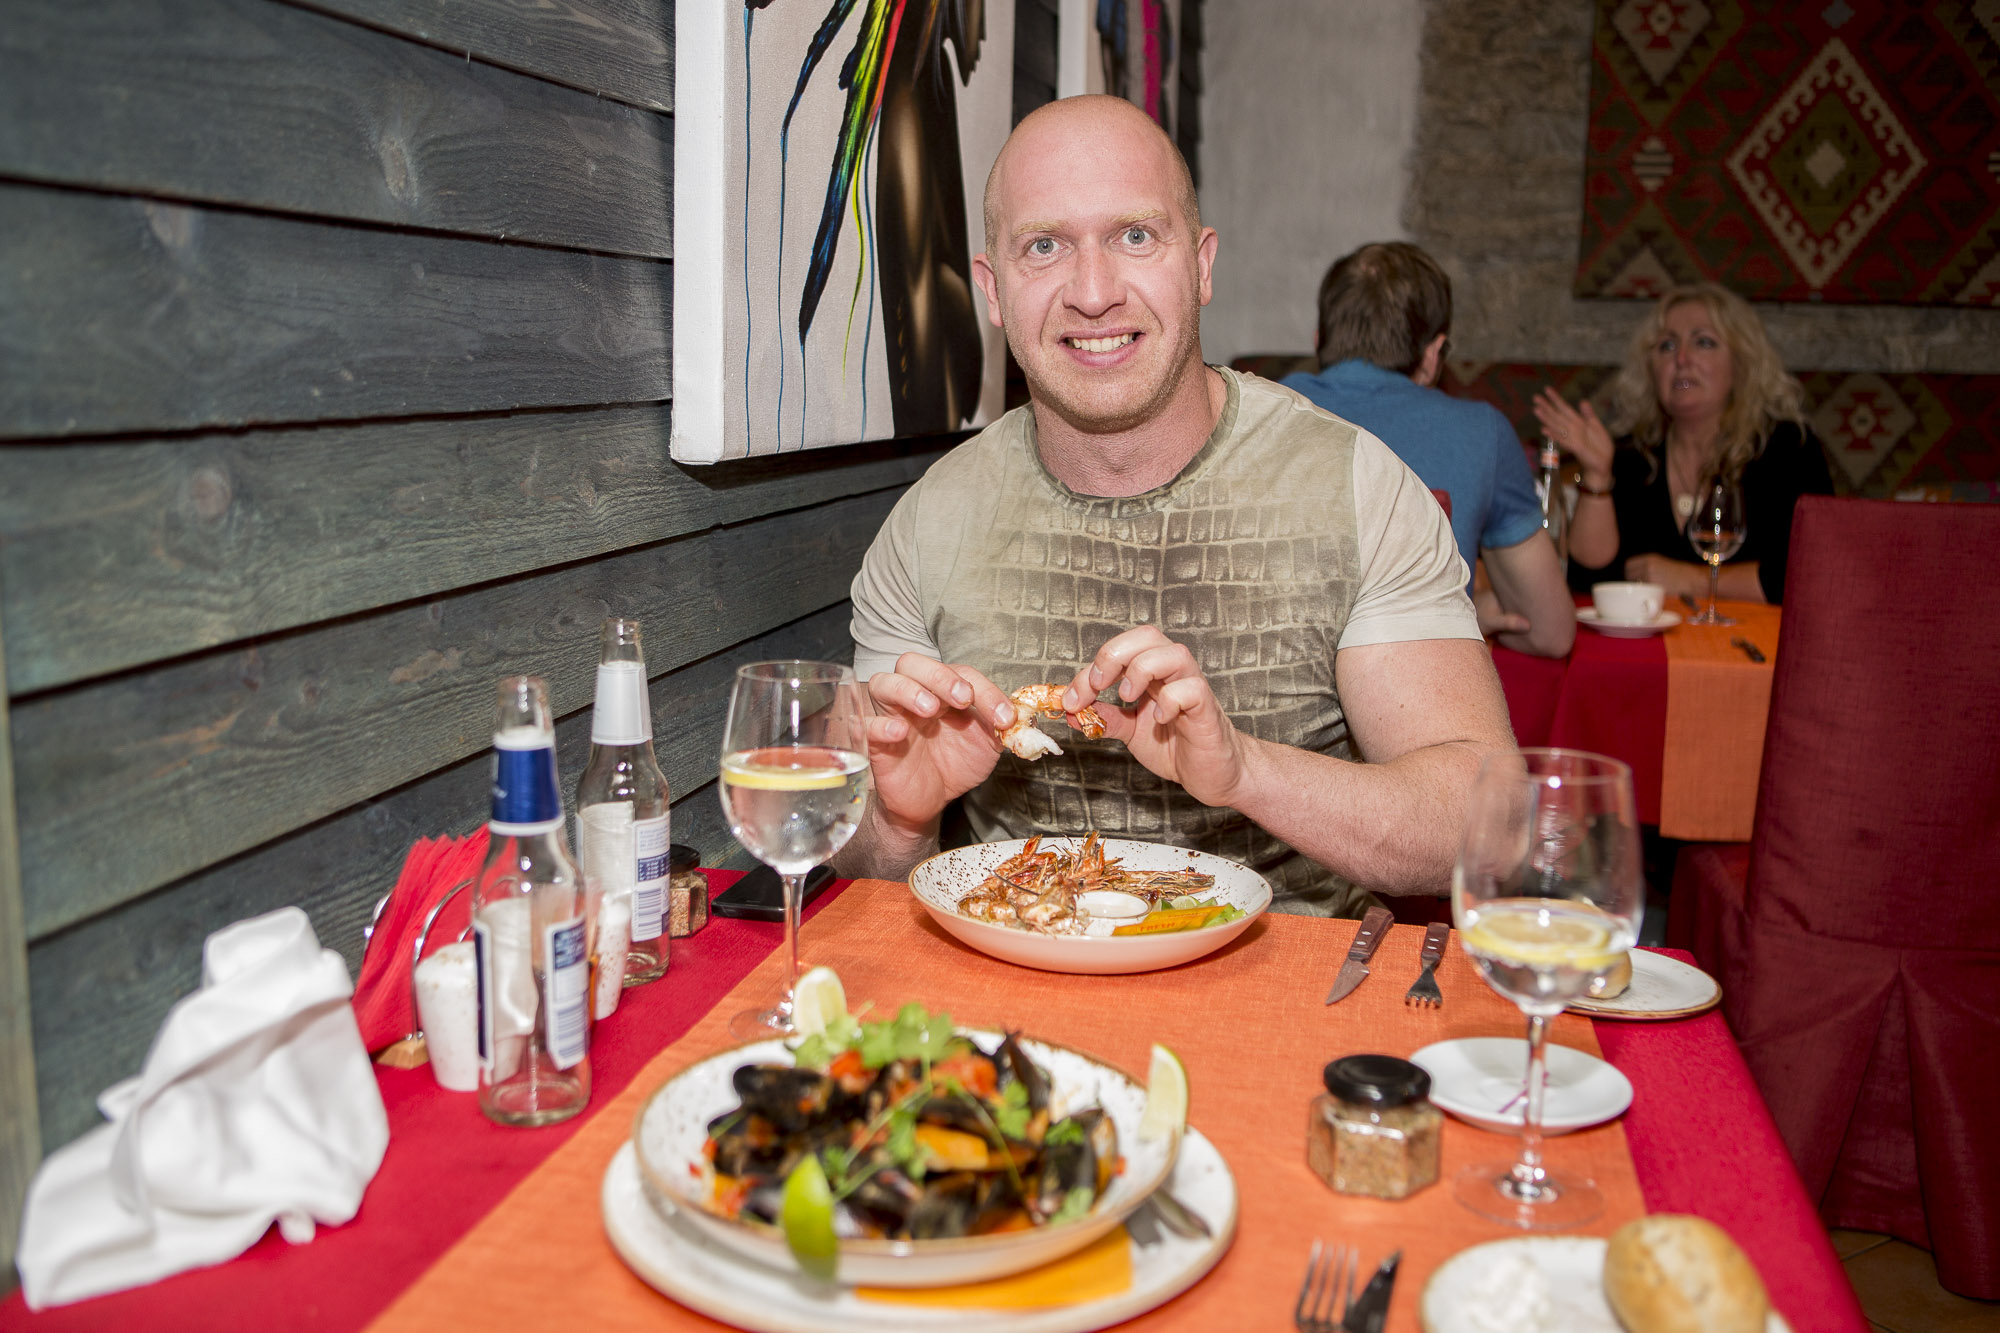 INTERVJUU! Toitumisnõustaja Erik Orgu: kui toit on tervislik, siis lähtun sellest, mis kõige isuäratavam on